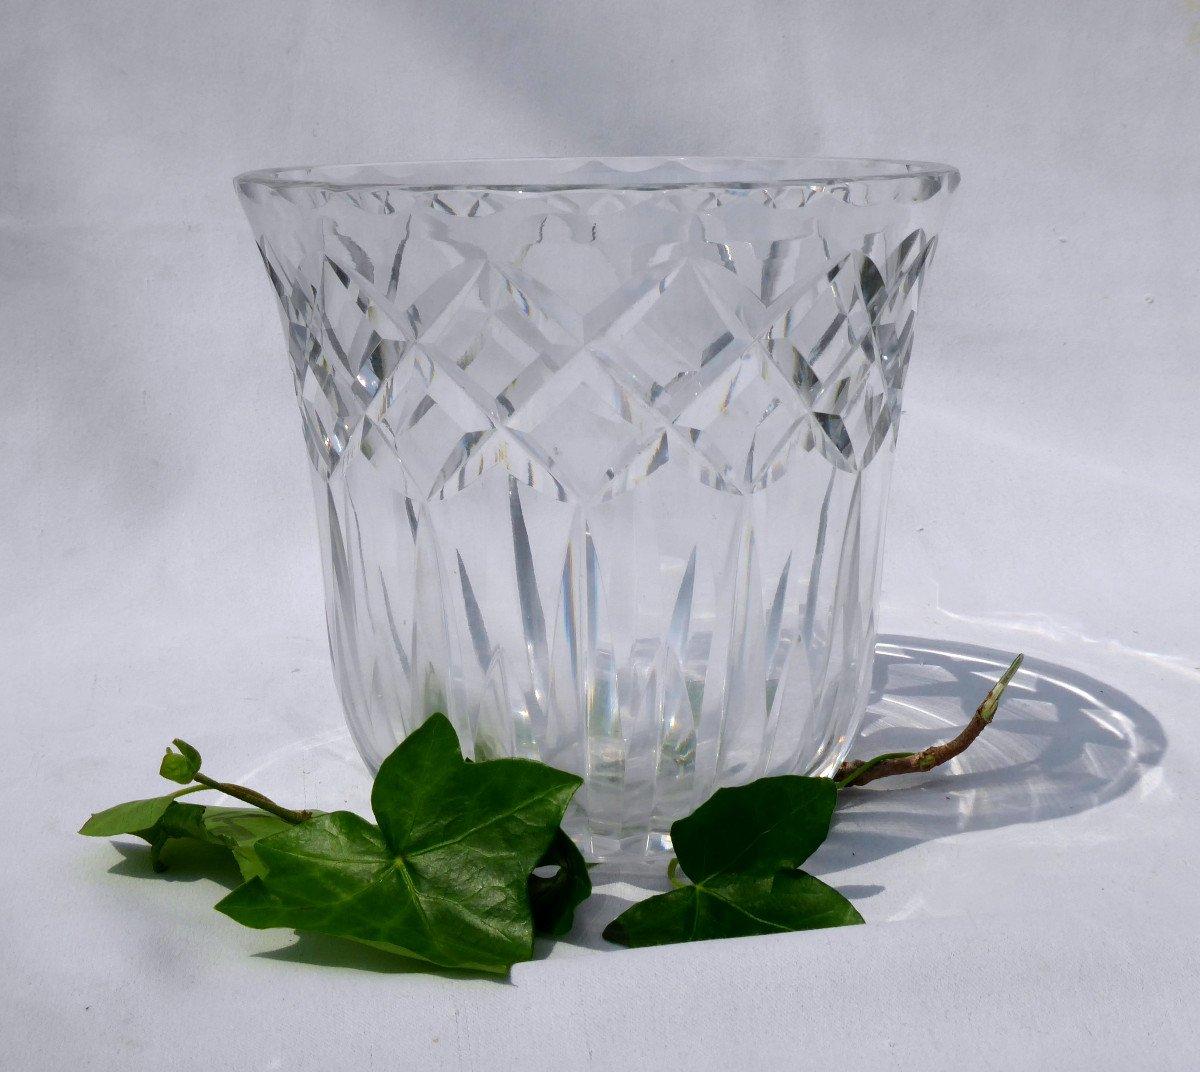 Grand Vase Mortier Cristal Taillé De Saint Louis , Signature à l'Acide époque 1930 Art Deco St